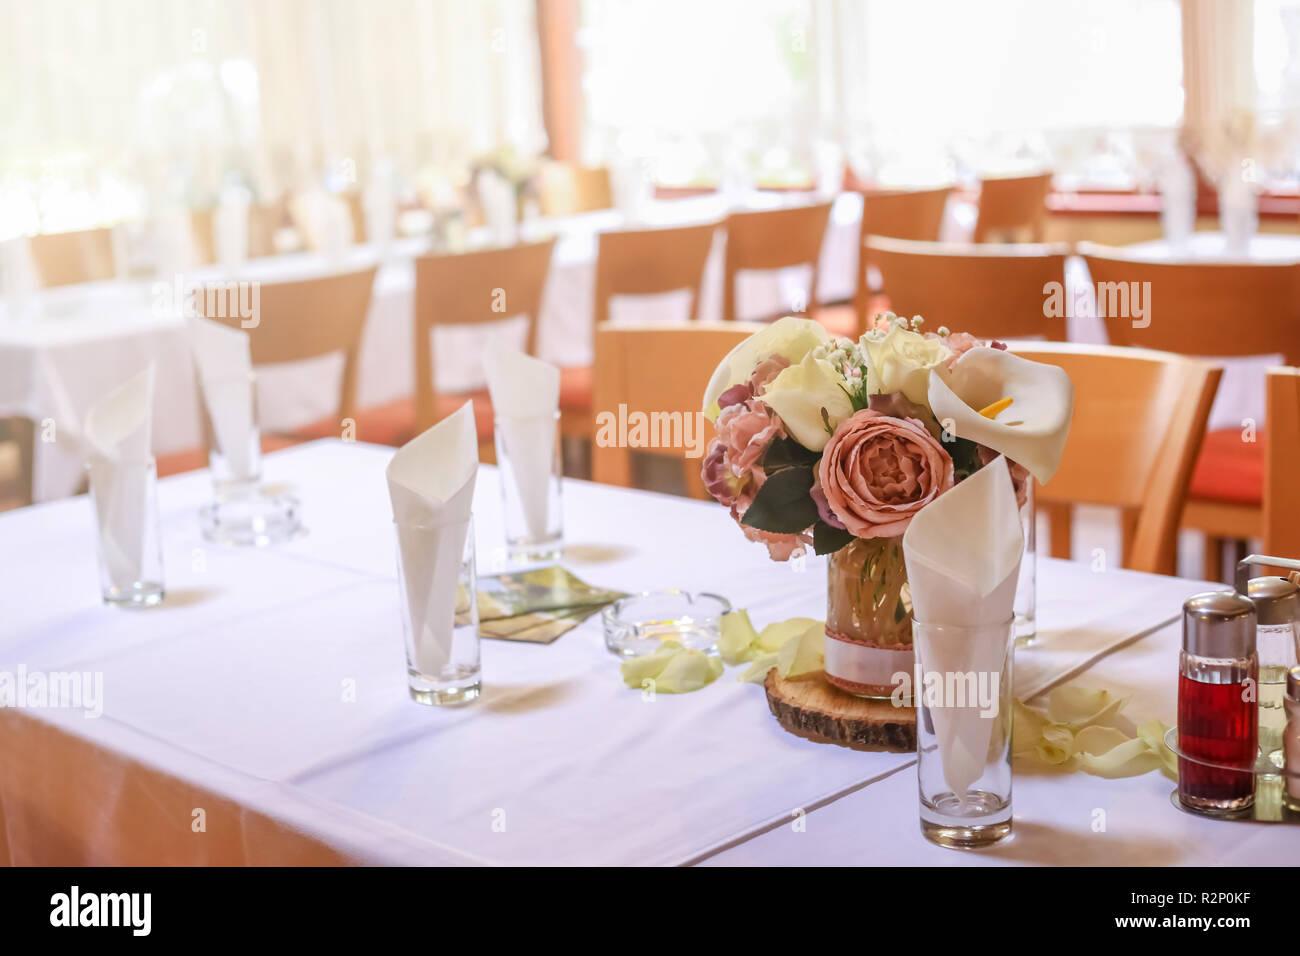 Rosen Auf Eine Festliche Hochzeit Tisch Im Restaurant